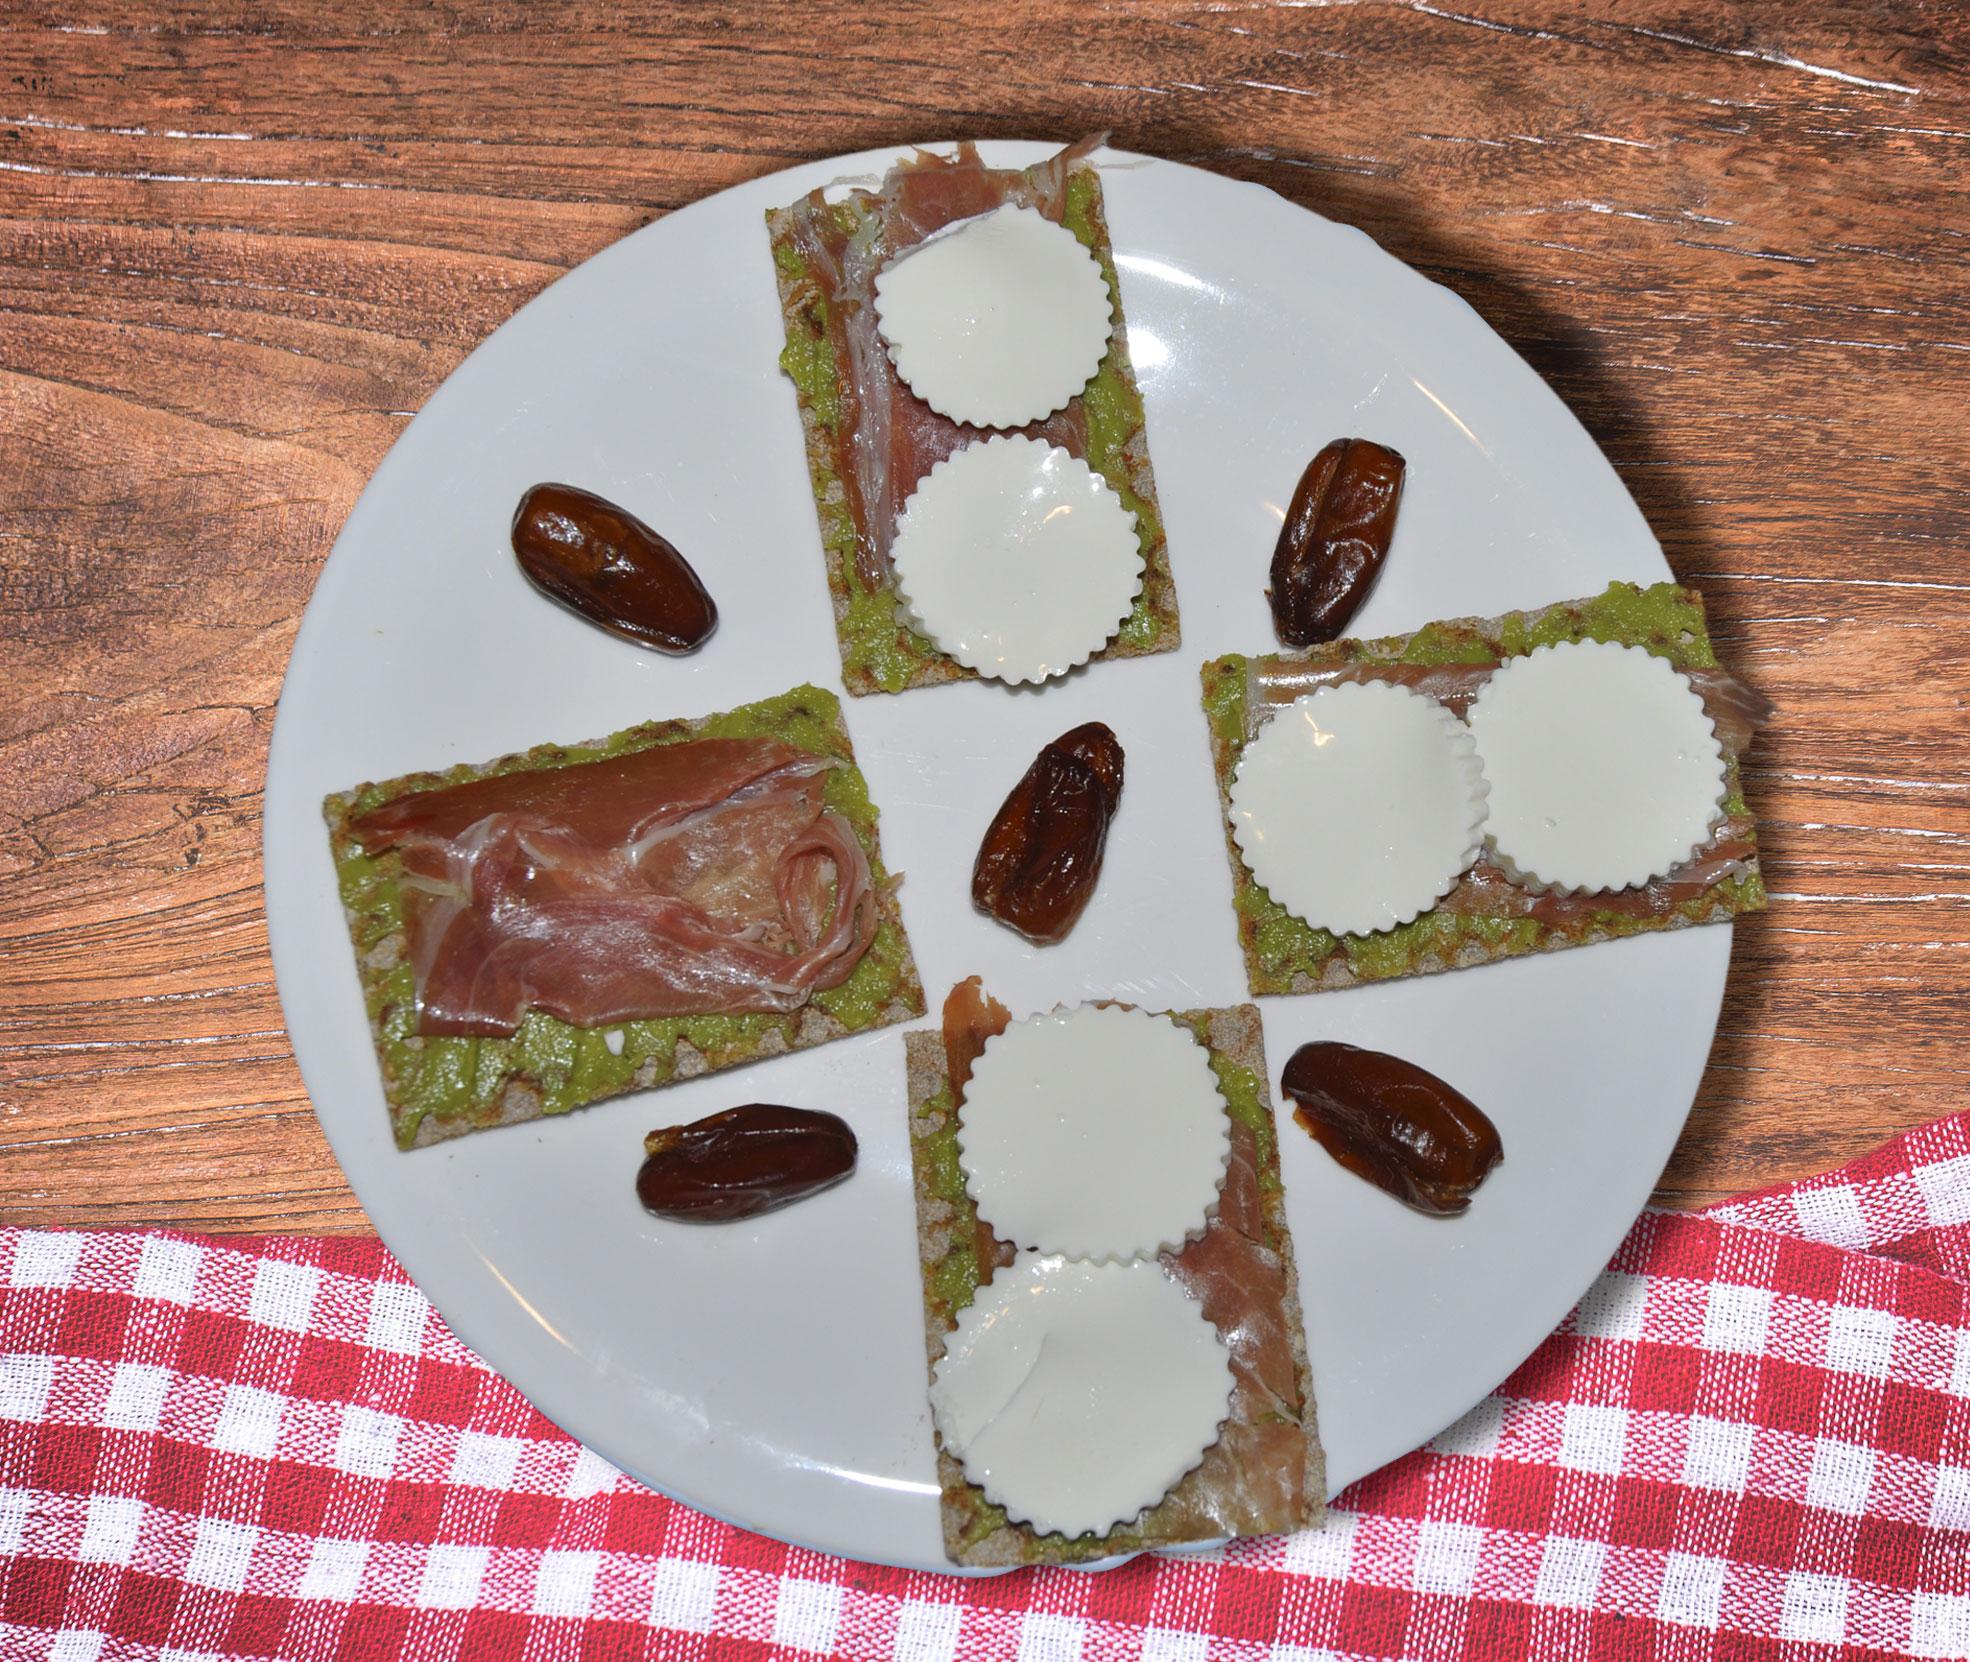 imagen blog FaWellness | Desayuno sabroso y sano con tostadas de centeno, jamón serrano, queso, guacamole y dátiles